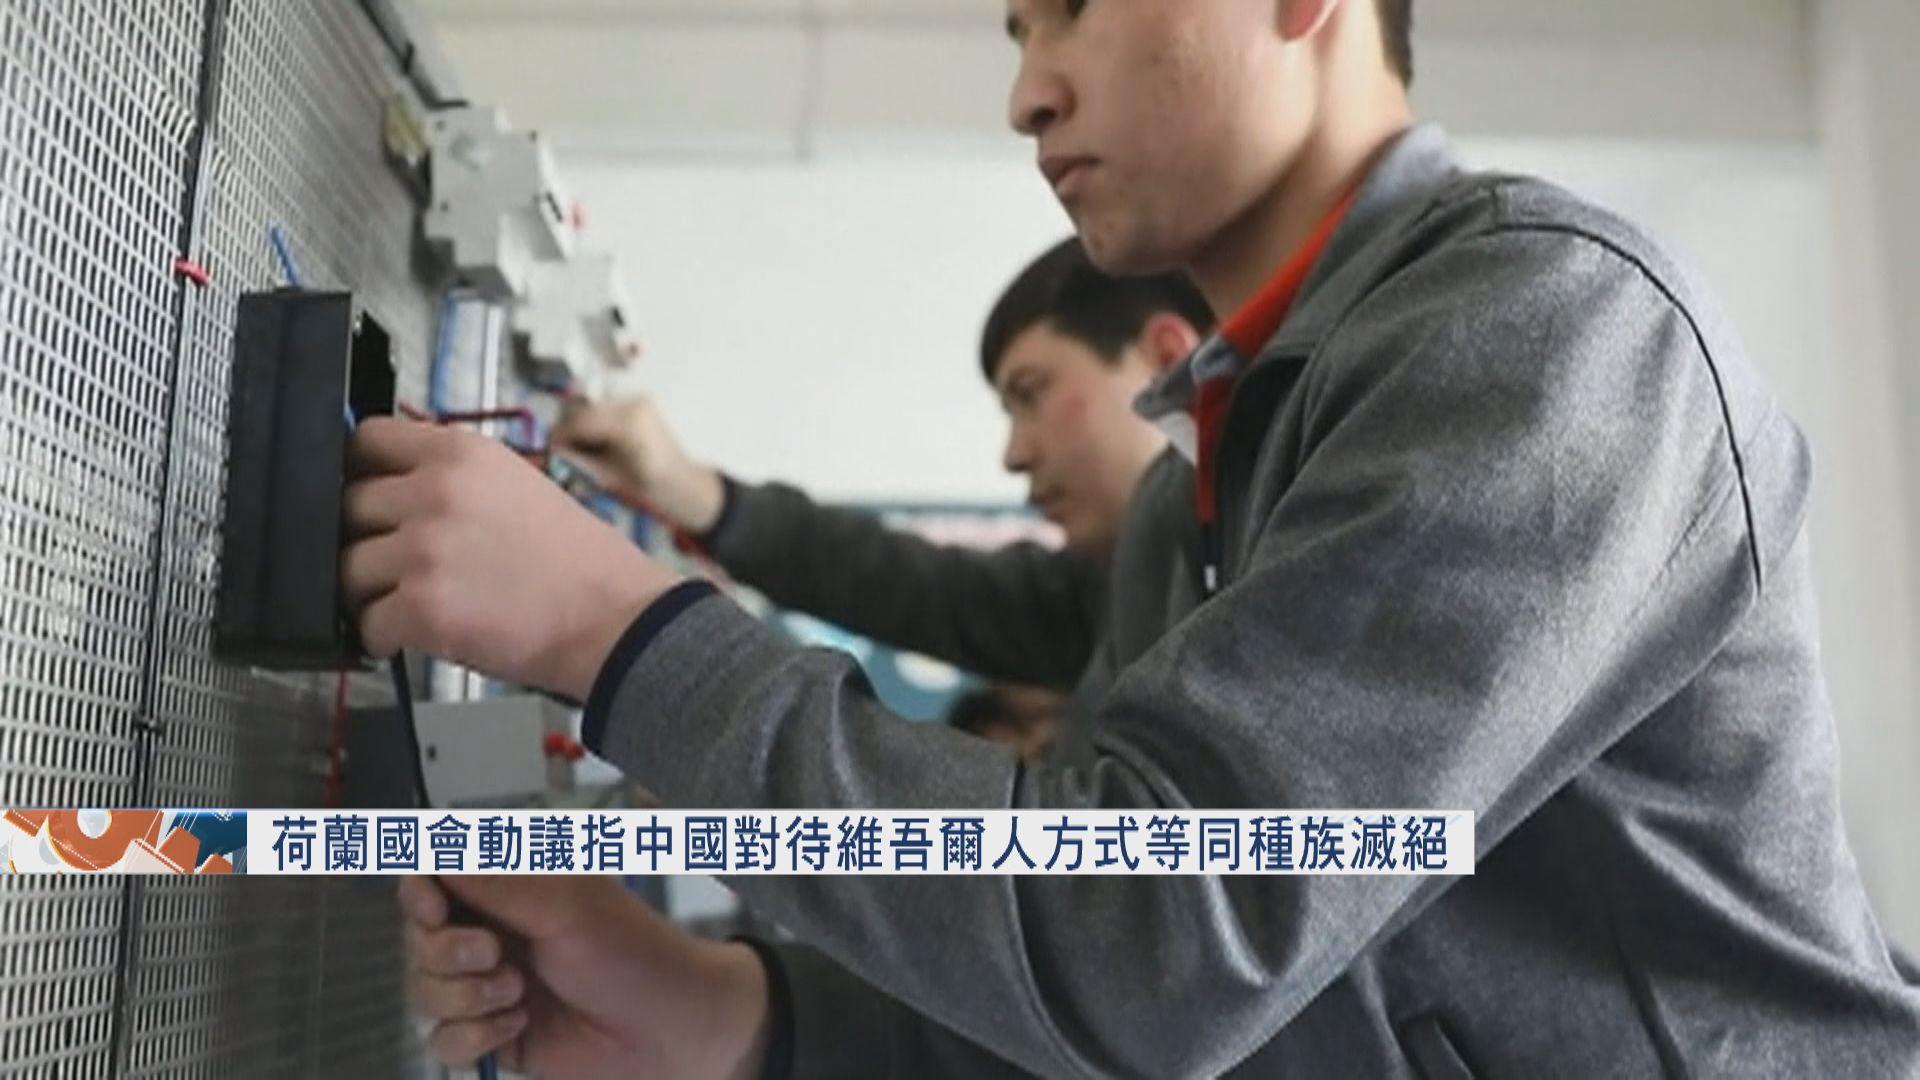 荷蘭國會通過動議指中國對待維吾爾人方式等同種族滅絕 中駐荷使館批蓄意污蔑